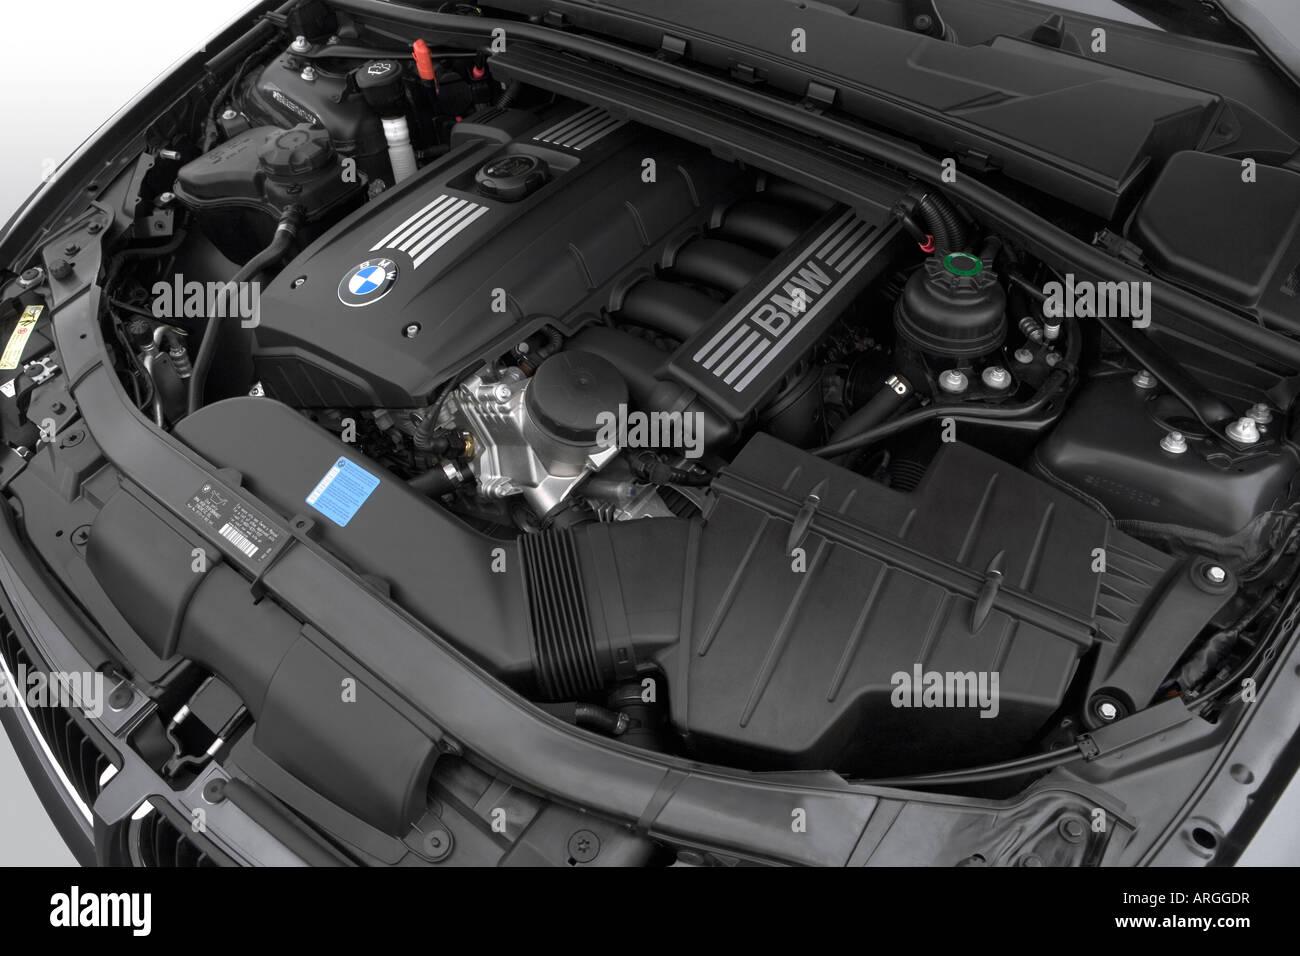 2007 BMW 3-series 328i in Gray - Engine Stock Photo: 16049314 - Alamy